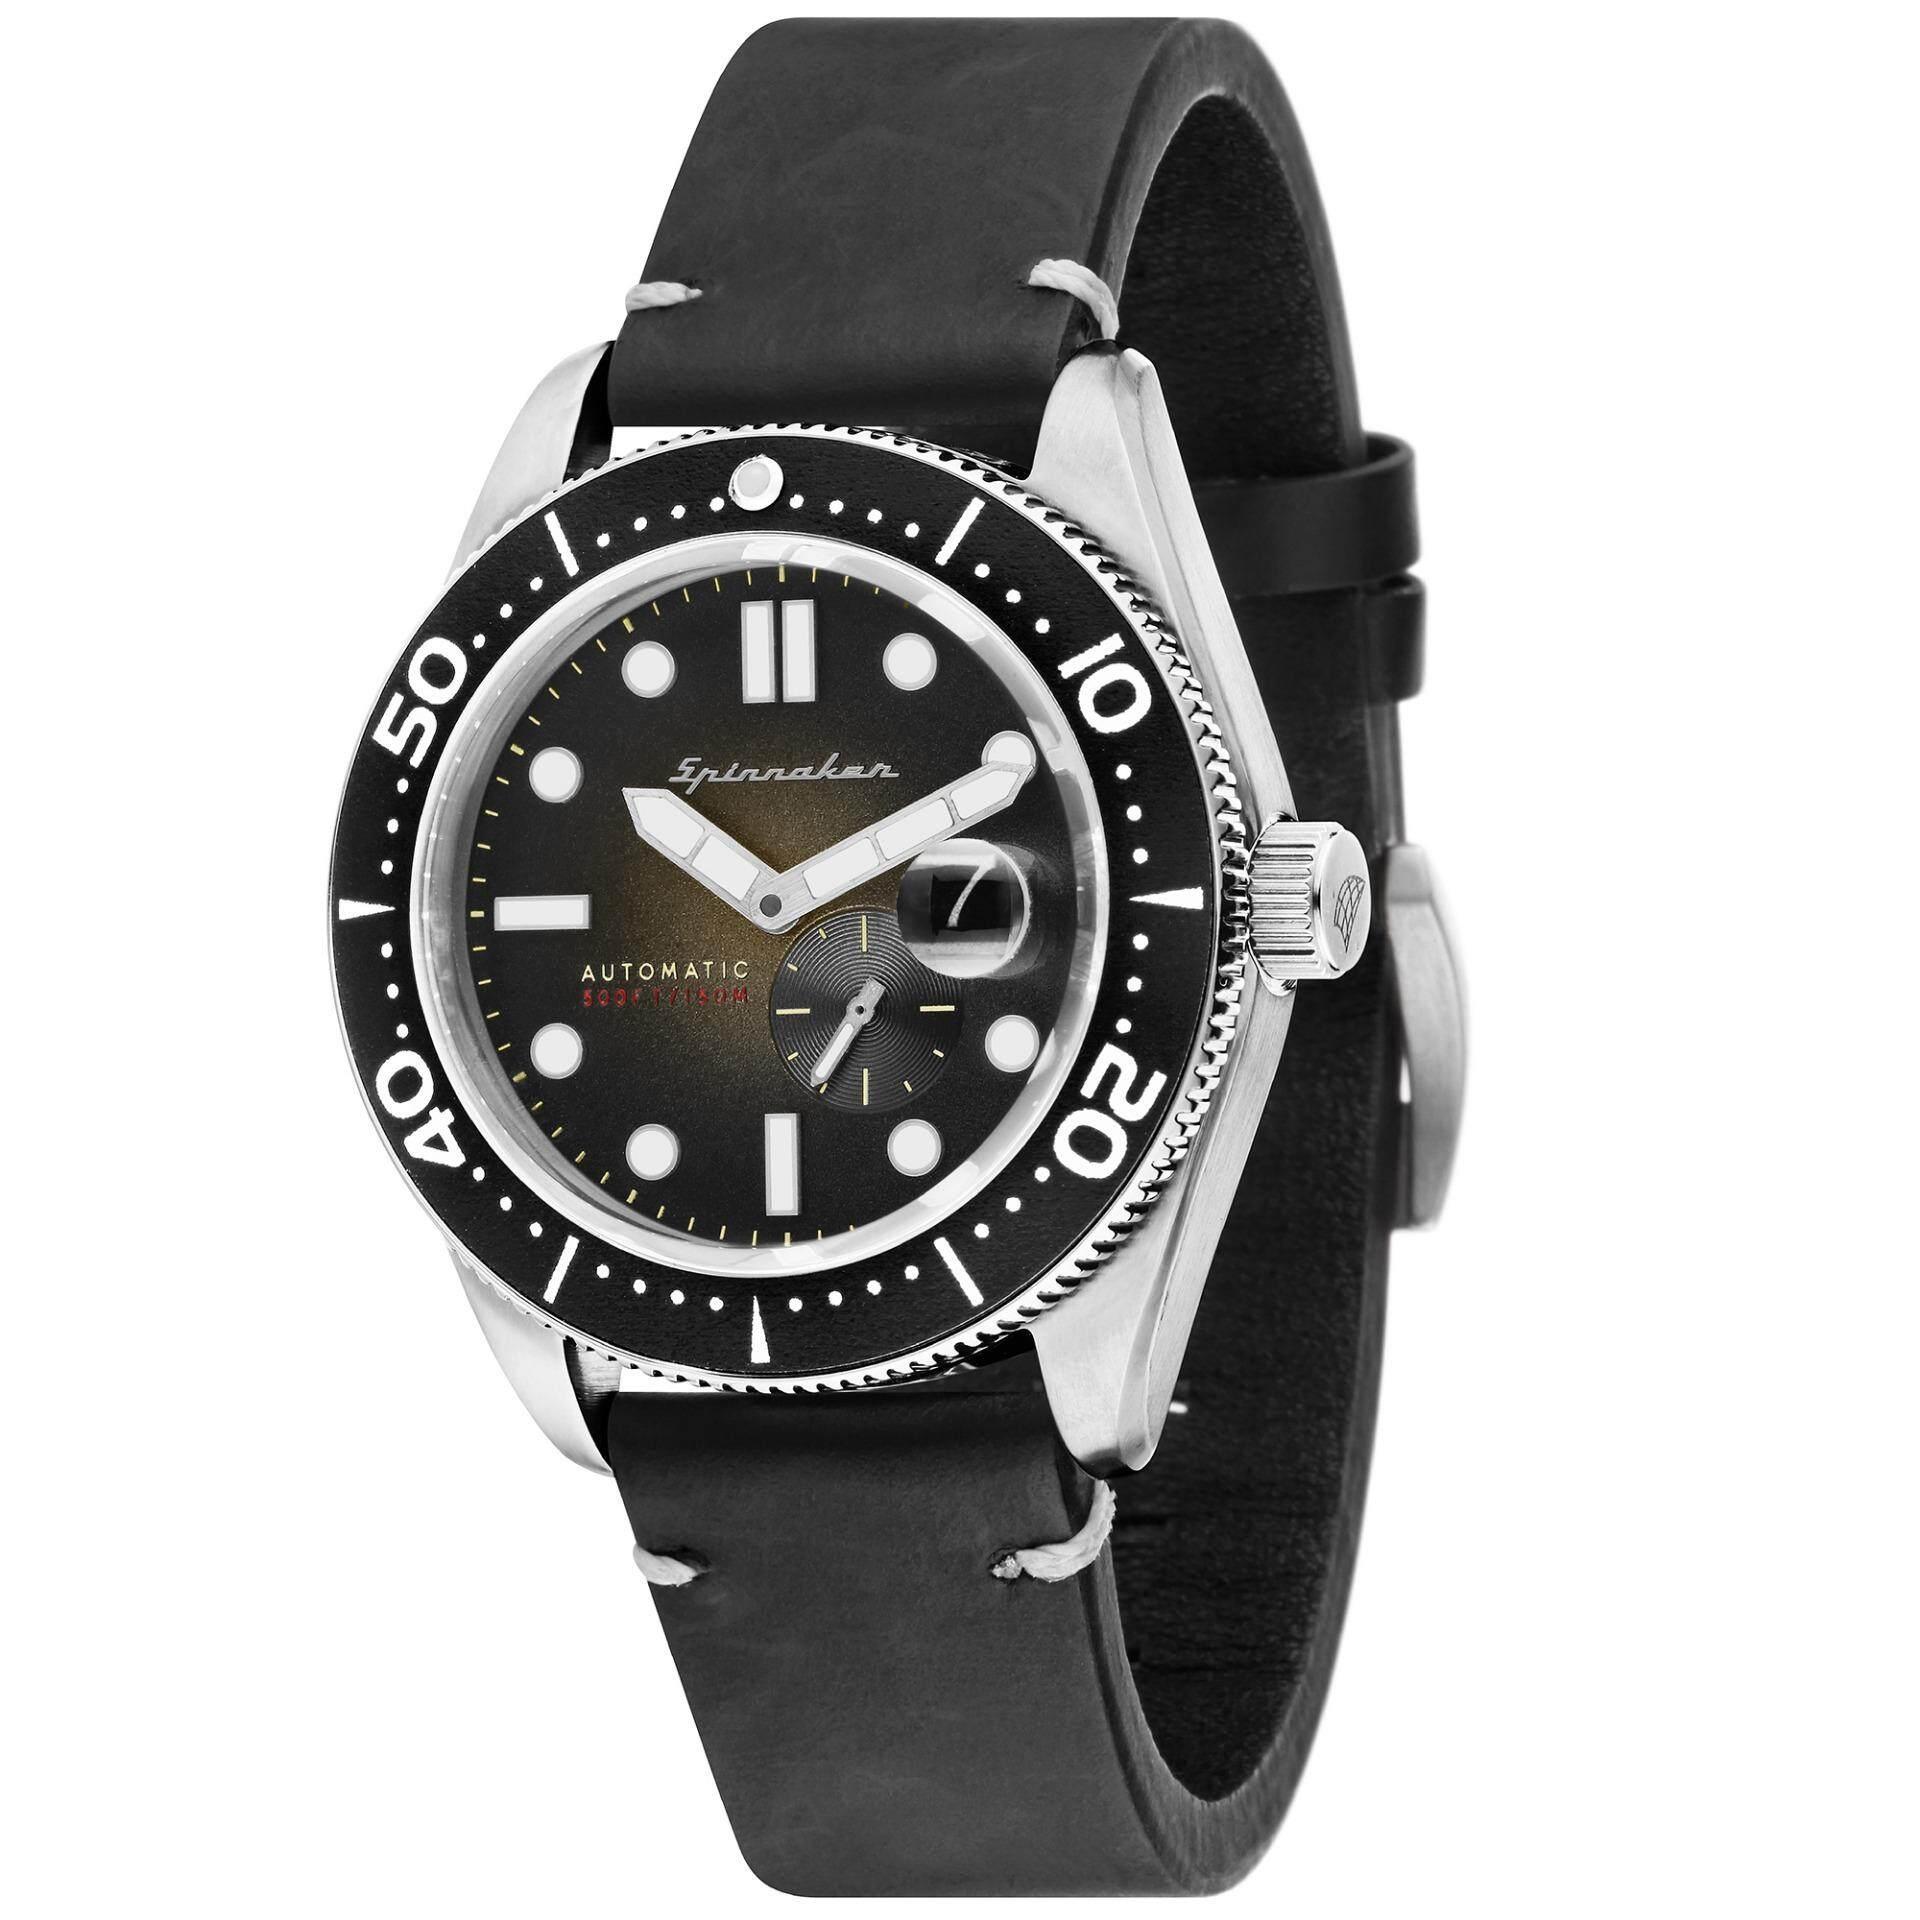 df4625871c4 Spinnaker CROFT SP-5058-03 Men s Black Genuine Leather Strap Watch